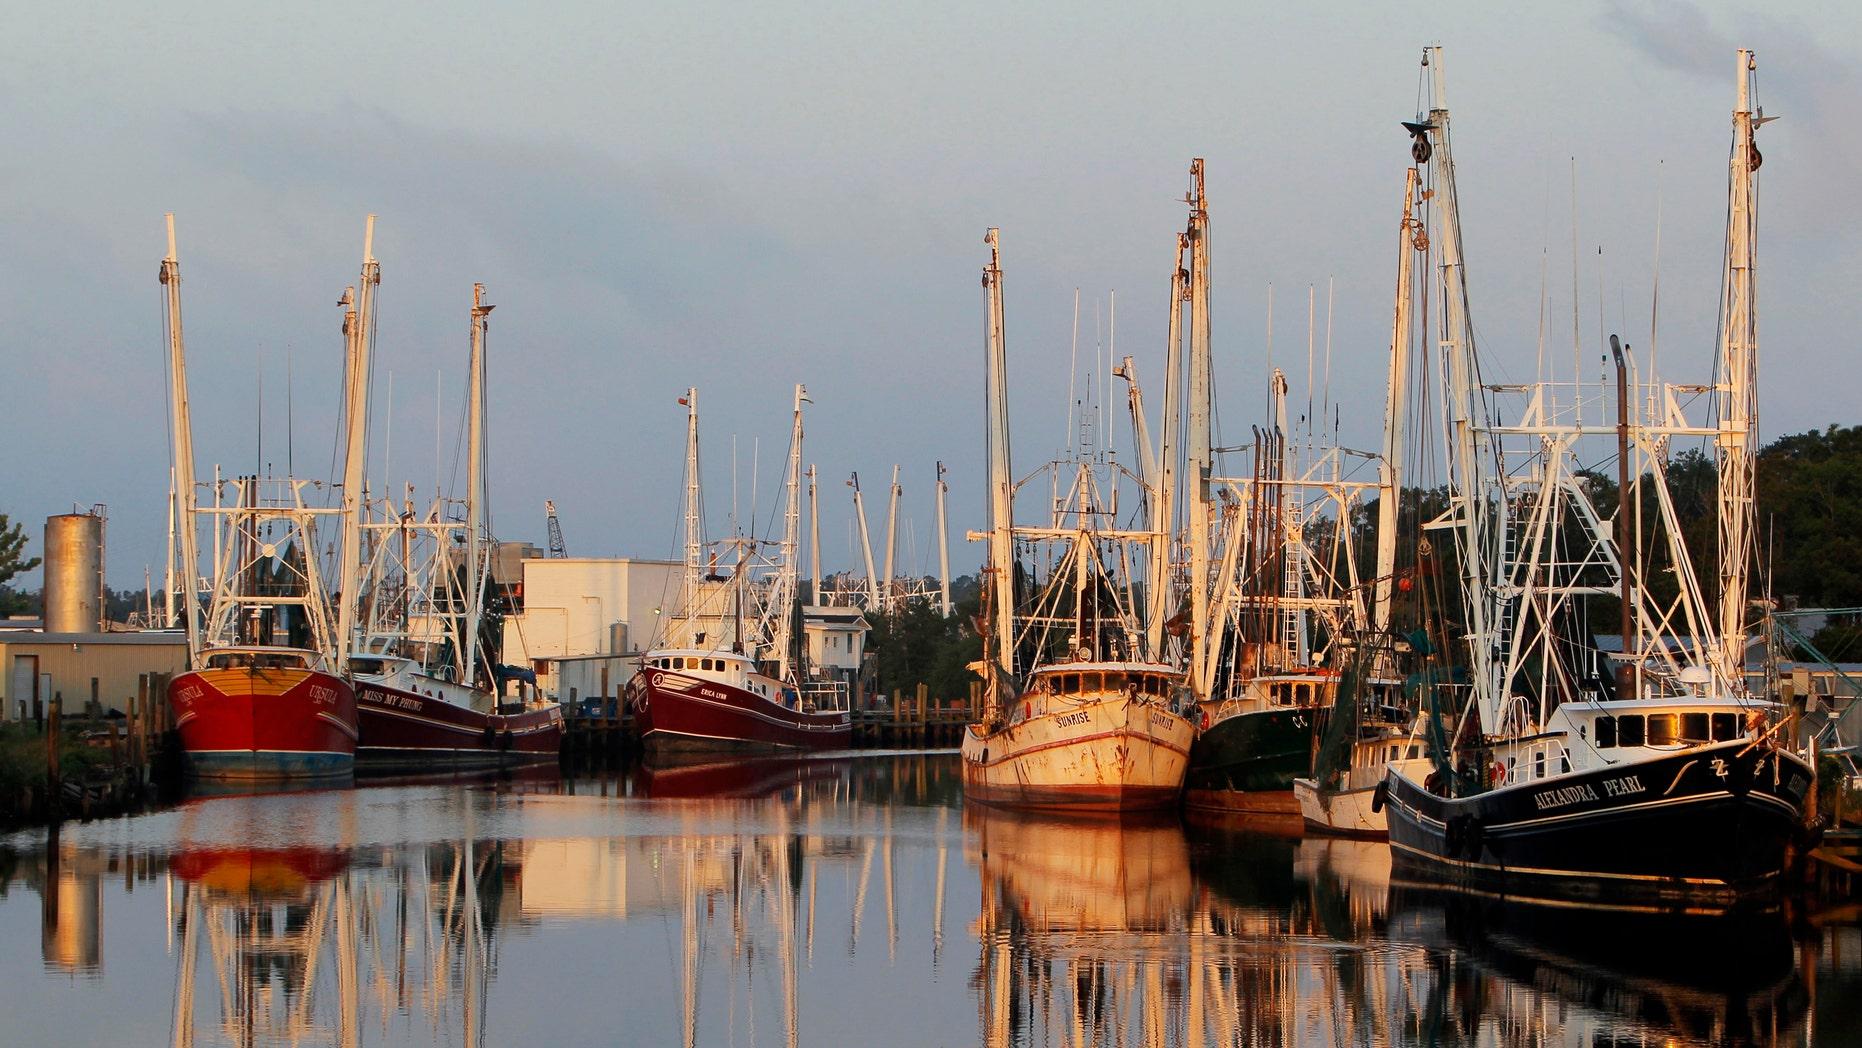 FILE: May 8, 2010: Gulf Coast fishing boats docked in the harbor at Bayou LaBatre, Alabama.